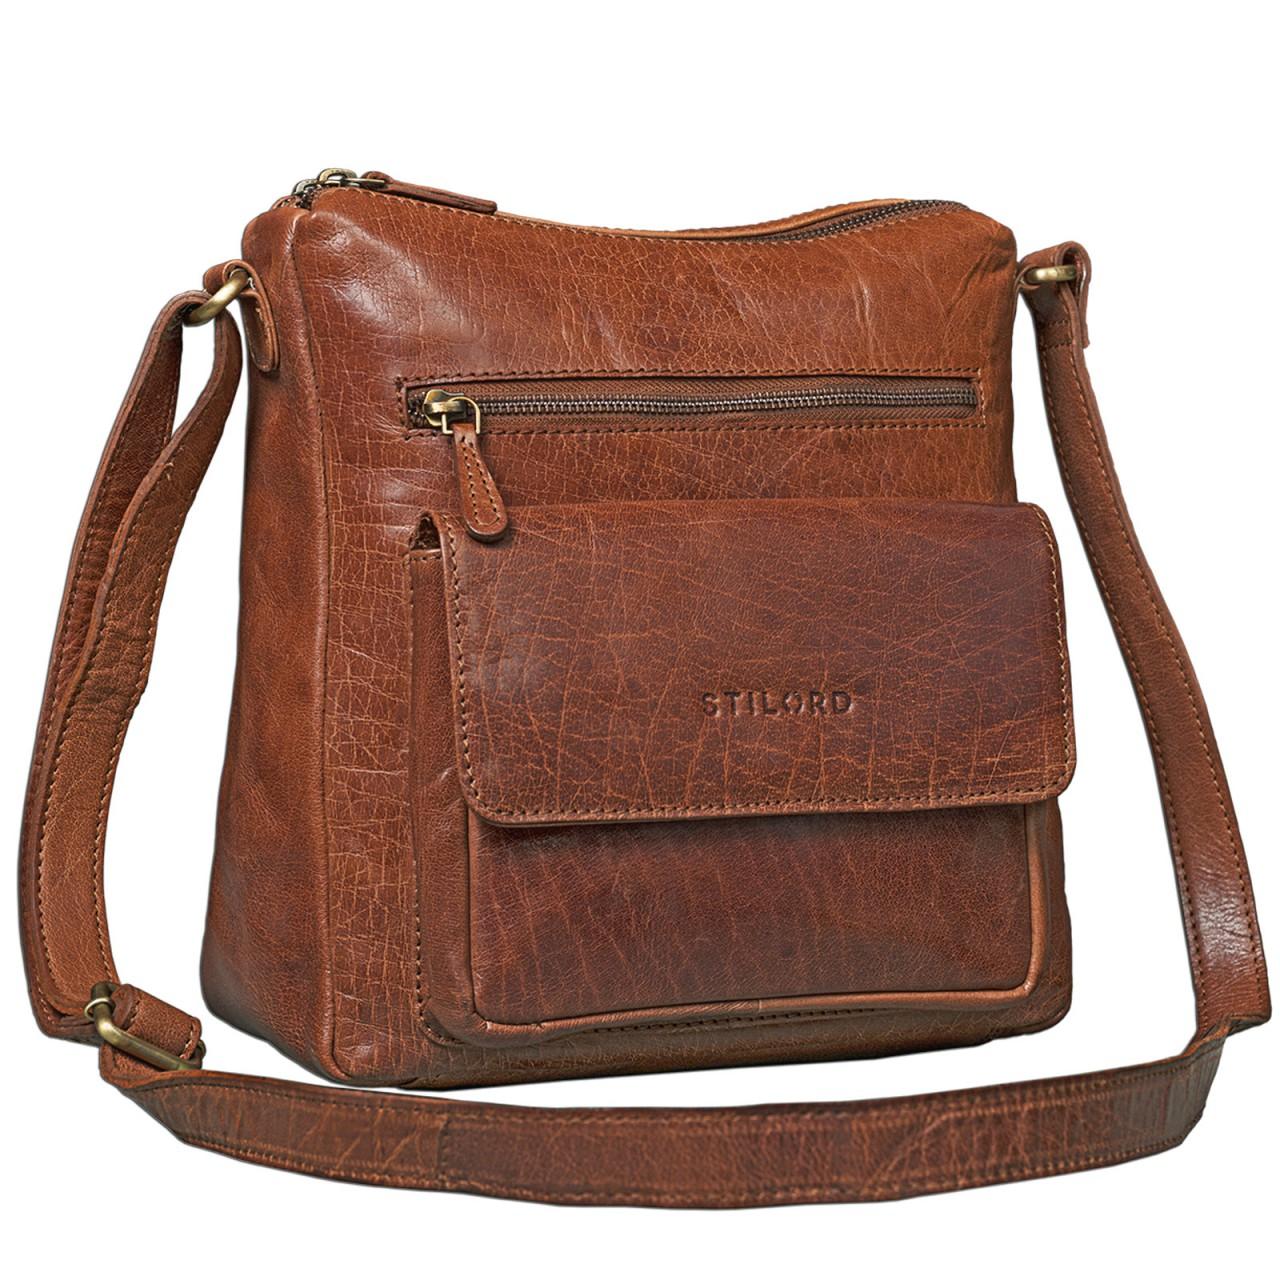 STILORD Vintage Umhängetasche für Damen Schultertasche Handtasche Ausgehen Freizeit Abendtasche Büffel Leder glänzend braun - Bild 1